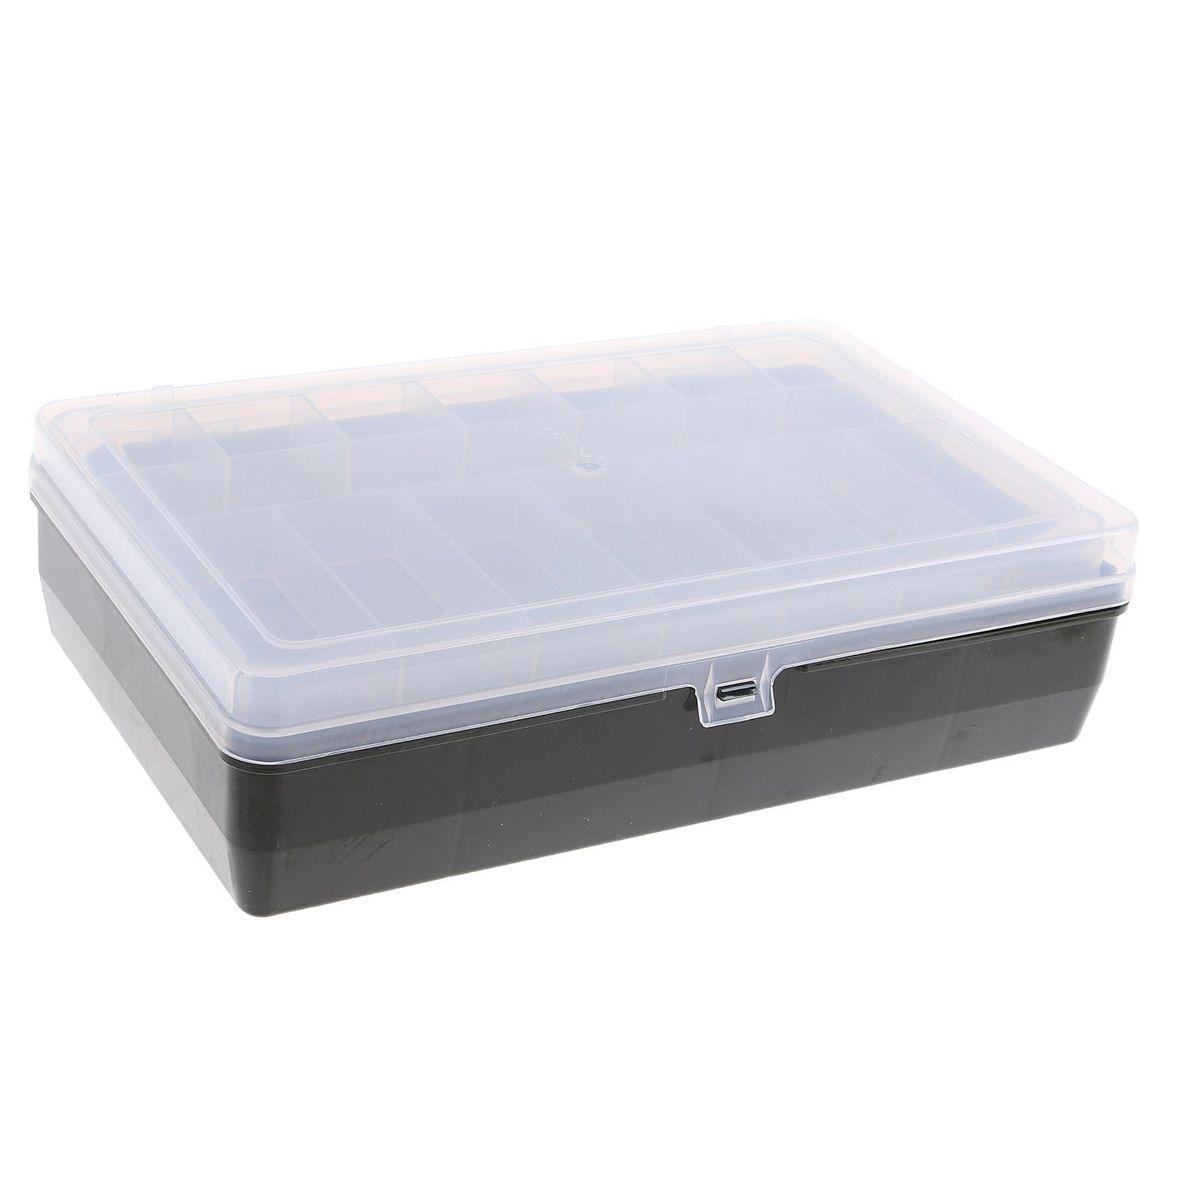 Коробка для крючков и насадок Тривол, двухъярусная , цвет: зеленый, 24 х 15 х 6,5 см1252457Коробки для крючков, как и другие аксессуары для рыбалки, помогут сделать процесс подготовки к самой рыбной ловле максимально удобным. Сегодня мы можем предложить всем нашим посетителям такие коробки для крючков, которые идеально подойдут в любое время года, для любого типа рыбалки и помогут вовремя отыскать среди всех снастей именно те, которые необходимы на данный момент.